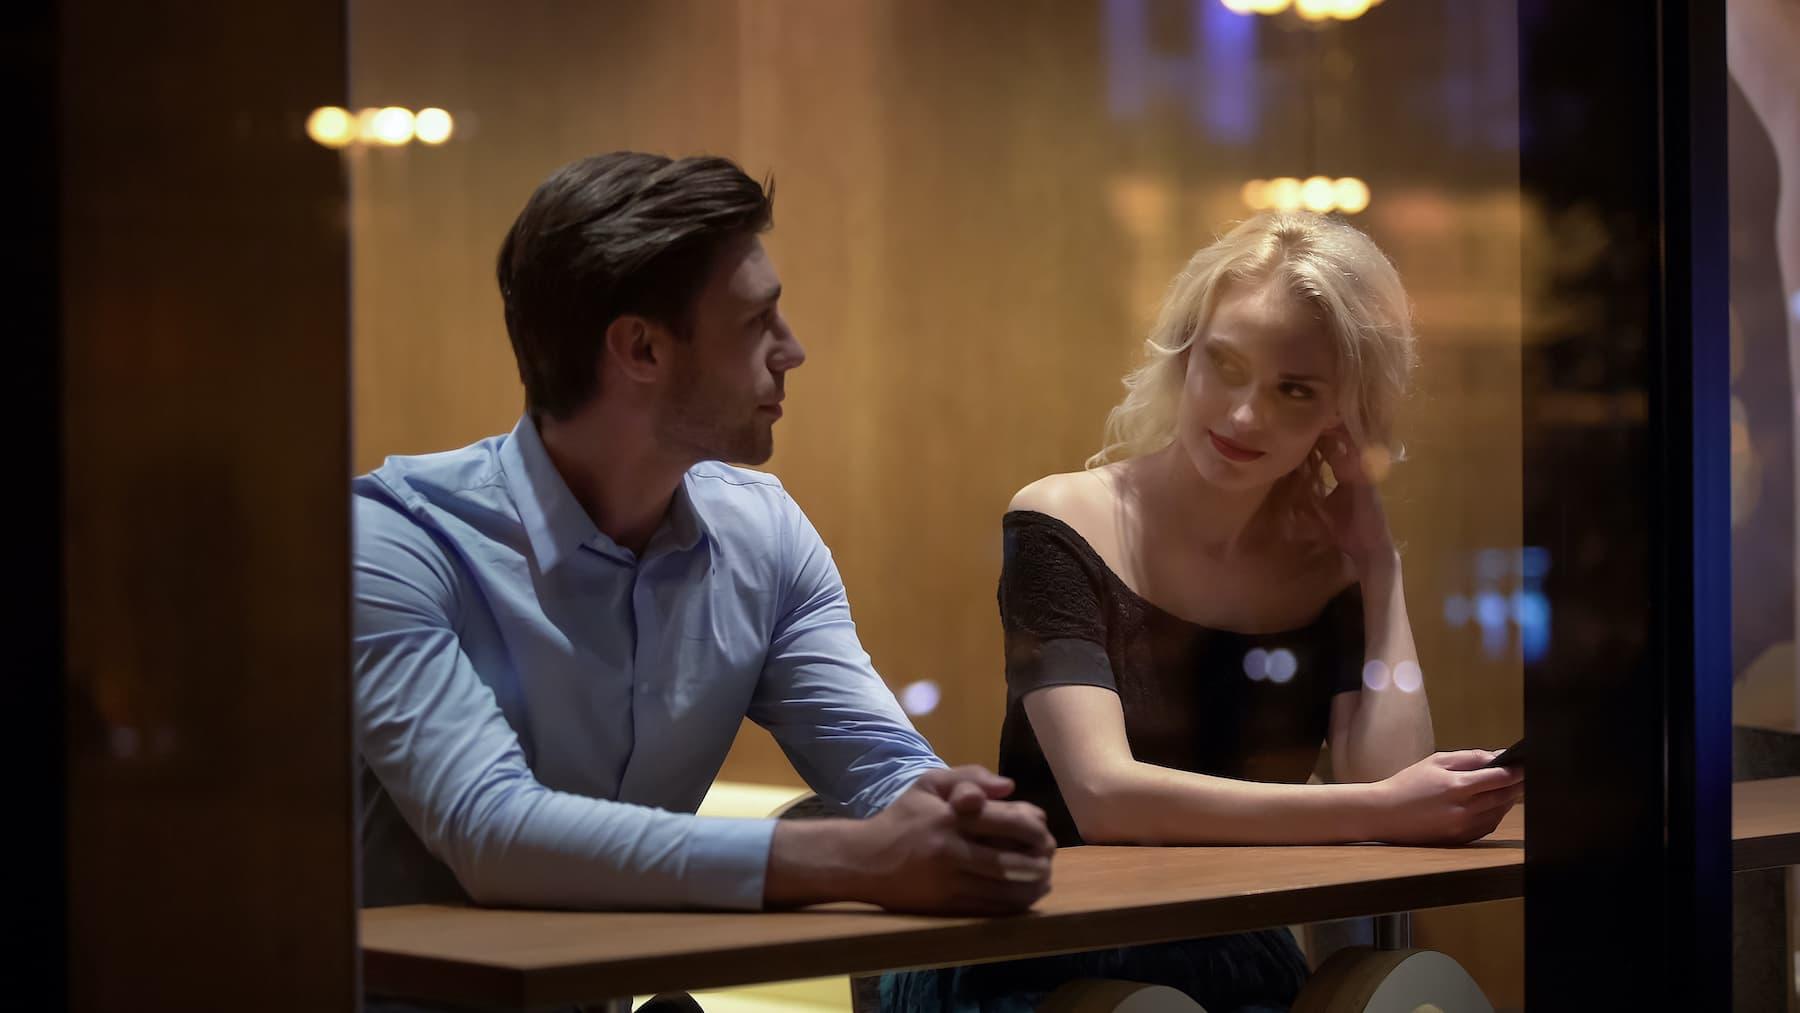 Flirt z zajętą dziewczyną. 4 za i przeciw